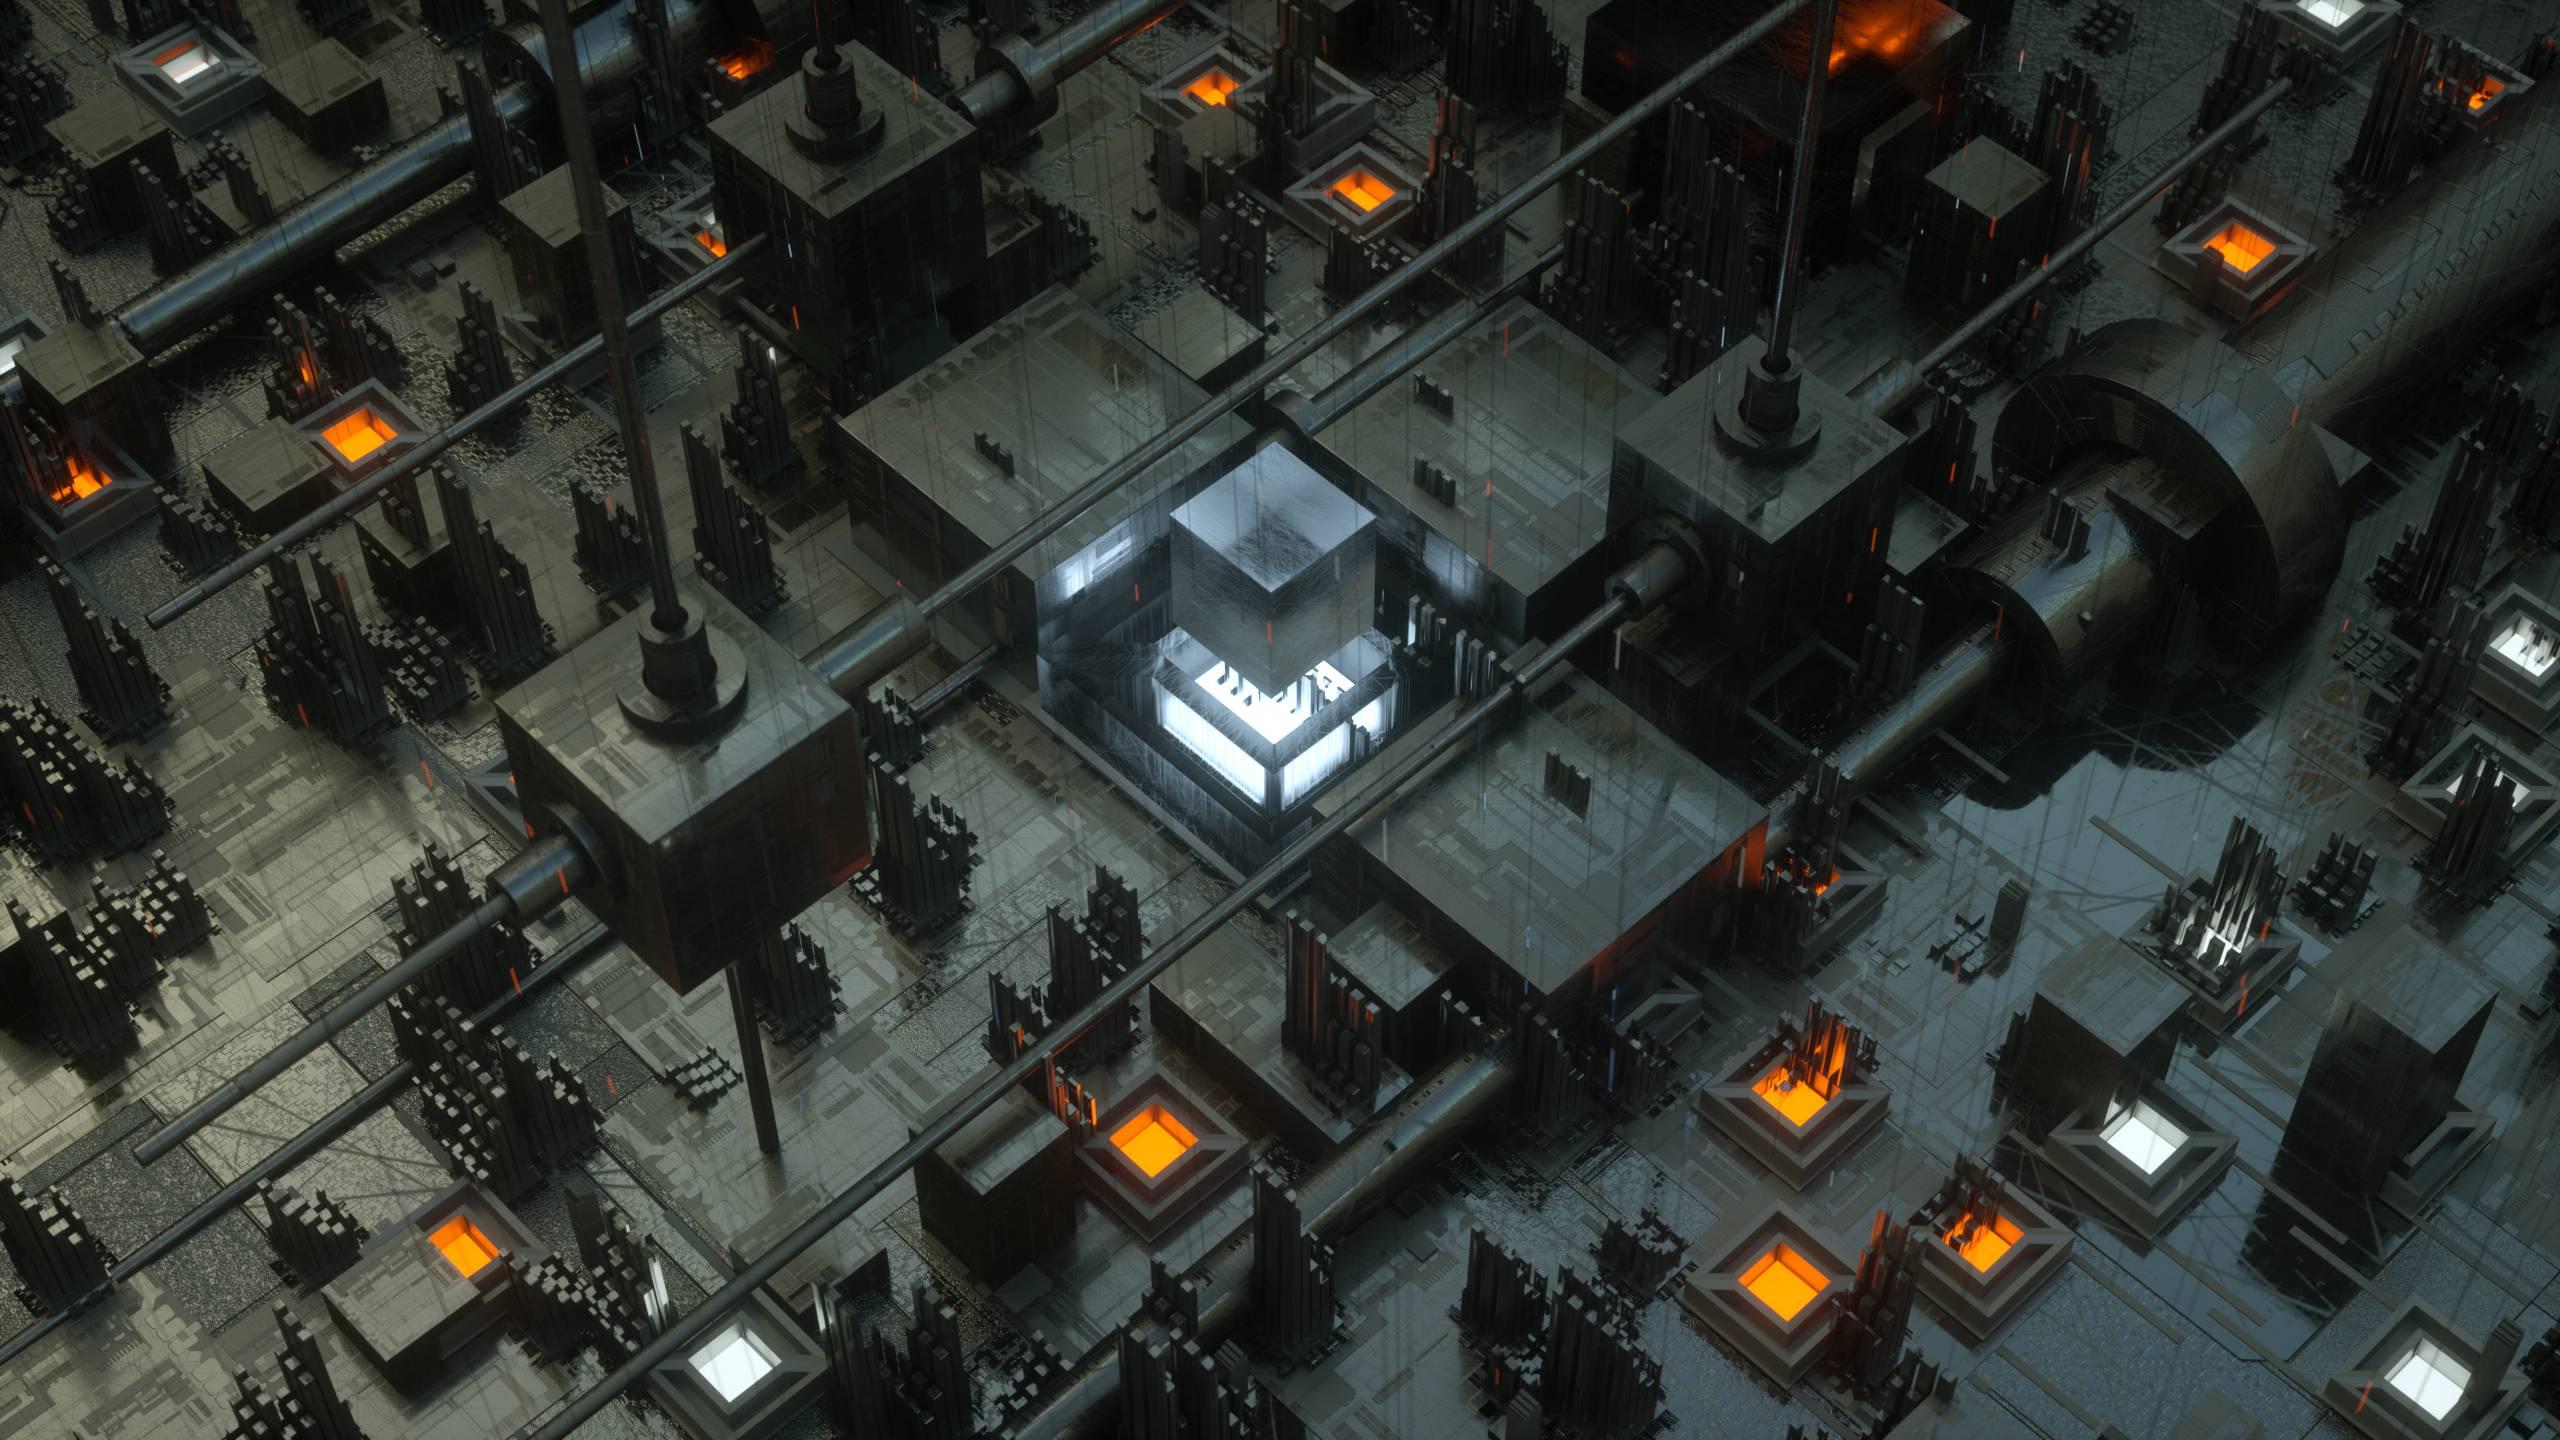 Masaüstü 3 Boyutlu 3d Tasarım Ekran Görüntüsü Pc Oyunu